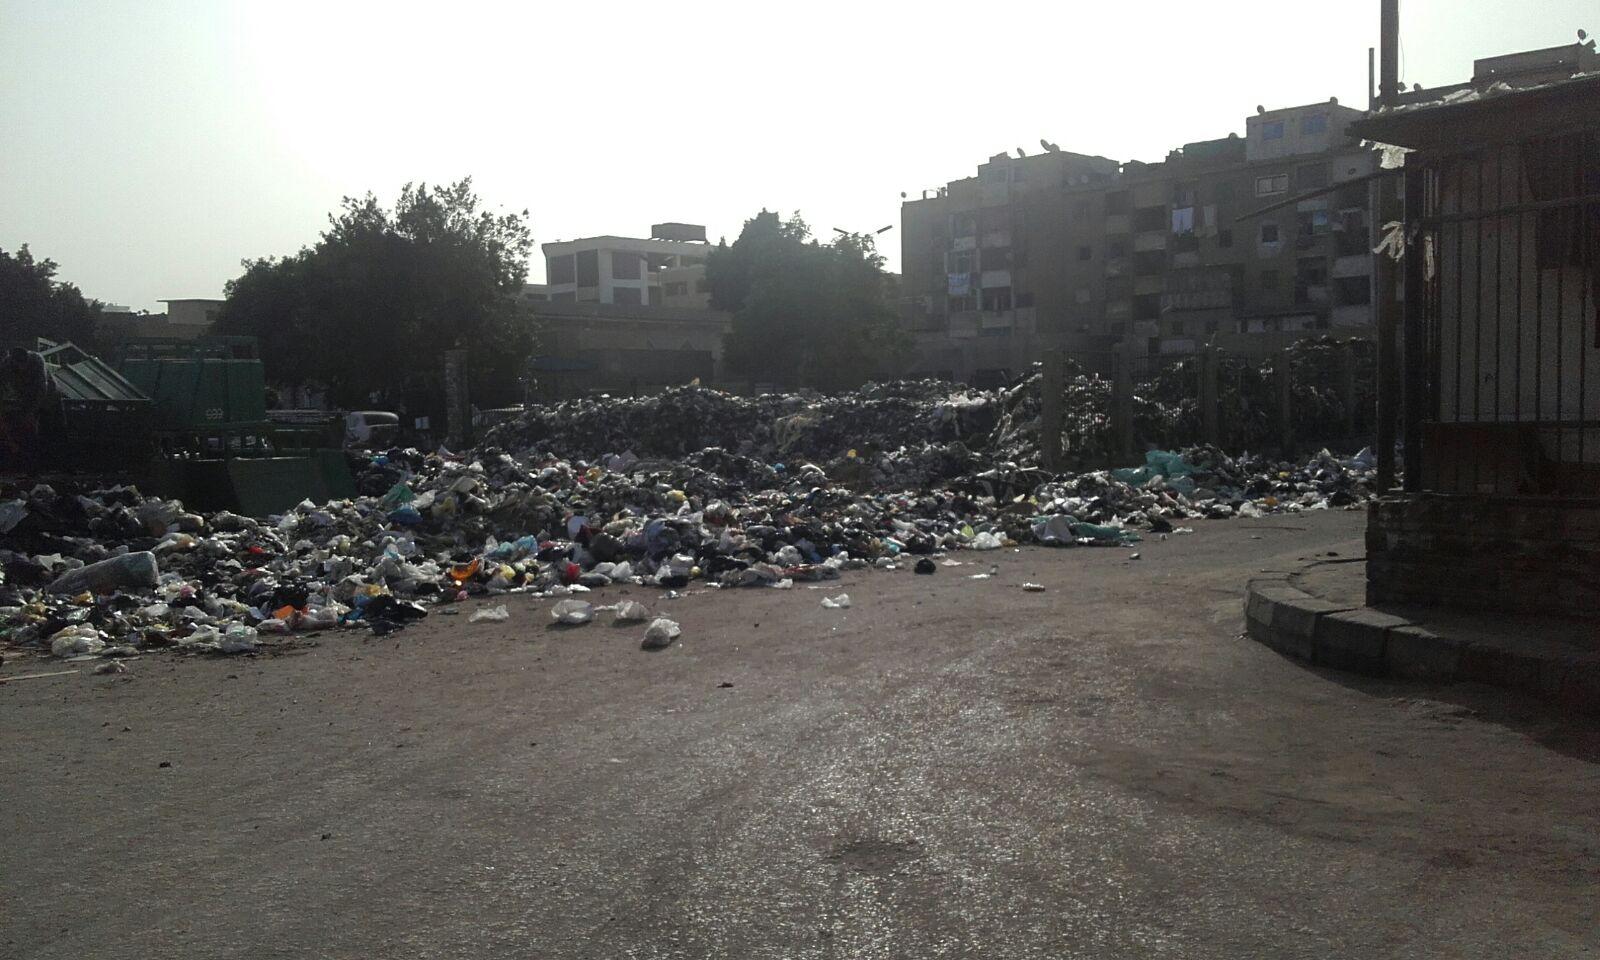 تراكم القمامة والباعة الجائلون يحتلون شارع بعين شمس الشرقية و«رئيس الحي ولا هنا»